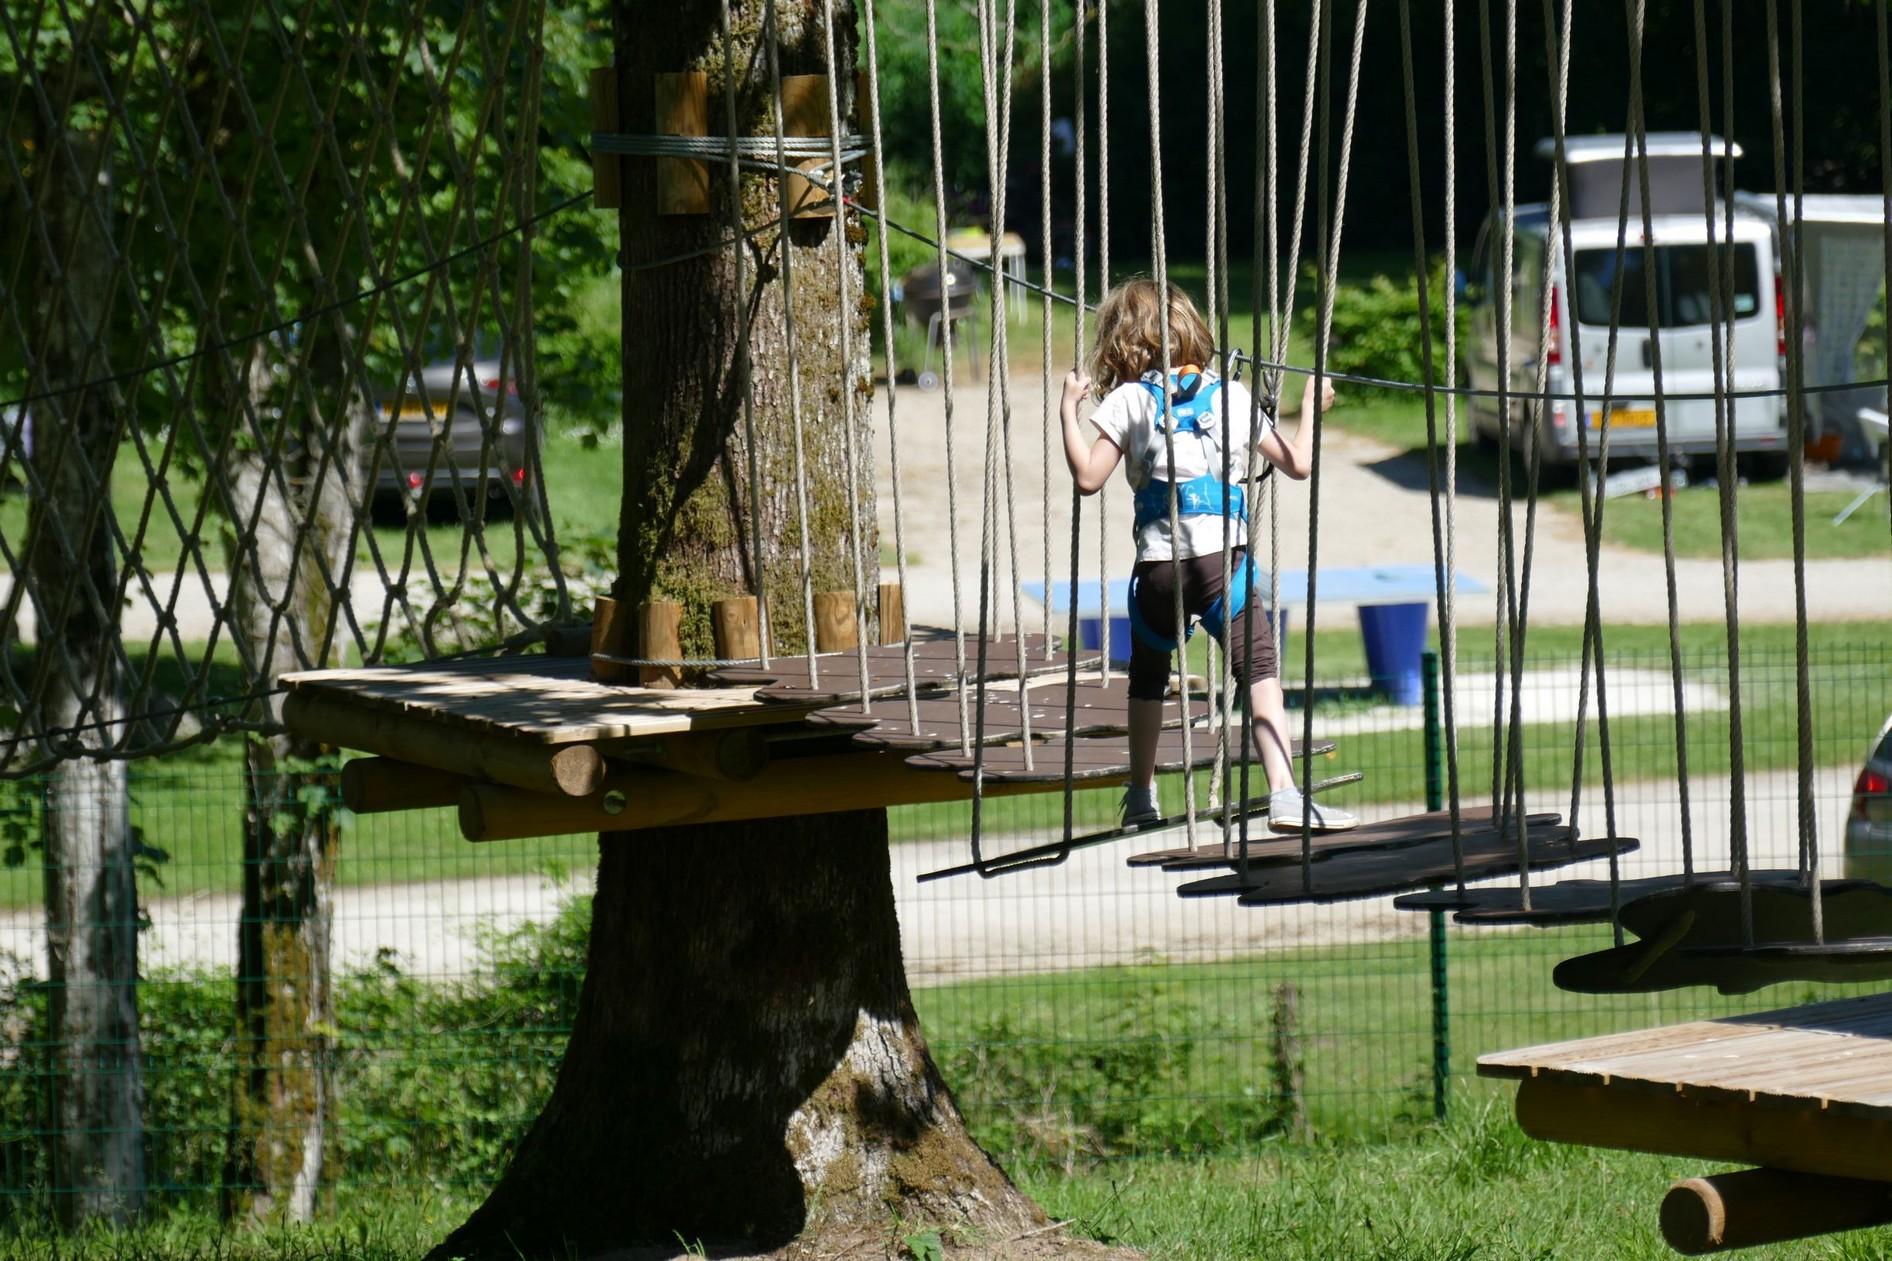 parcours pour les enfants accrobranche lac du der louvemont